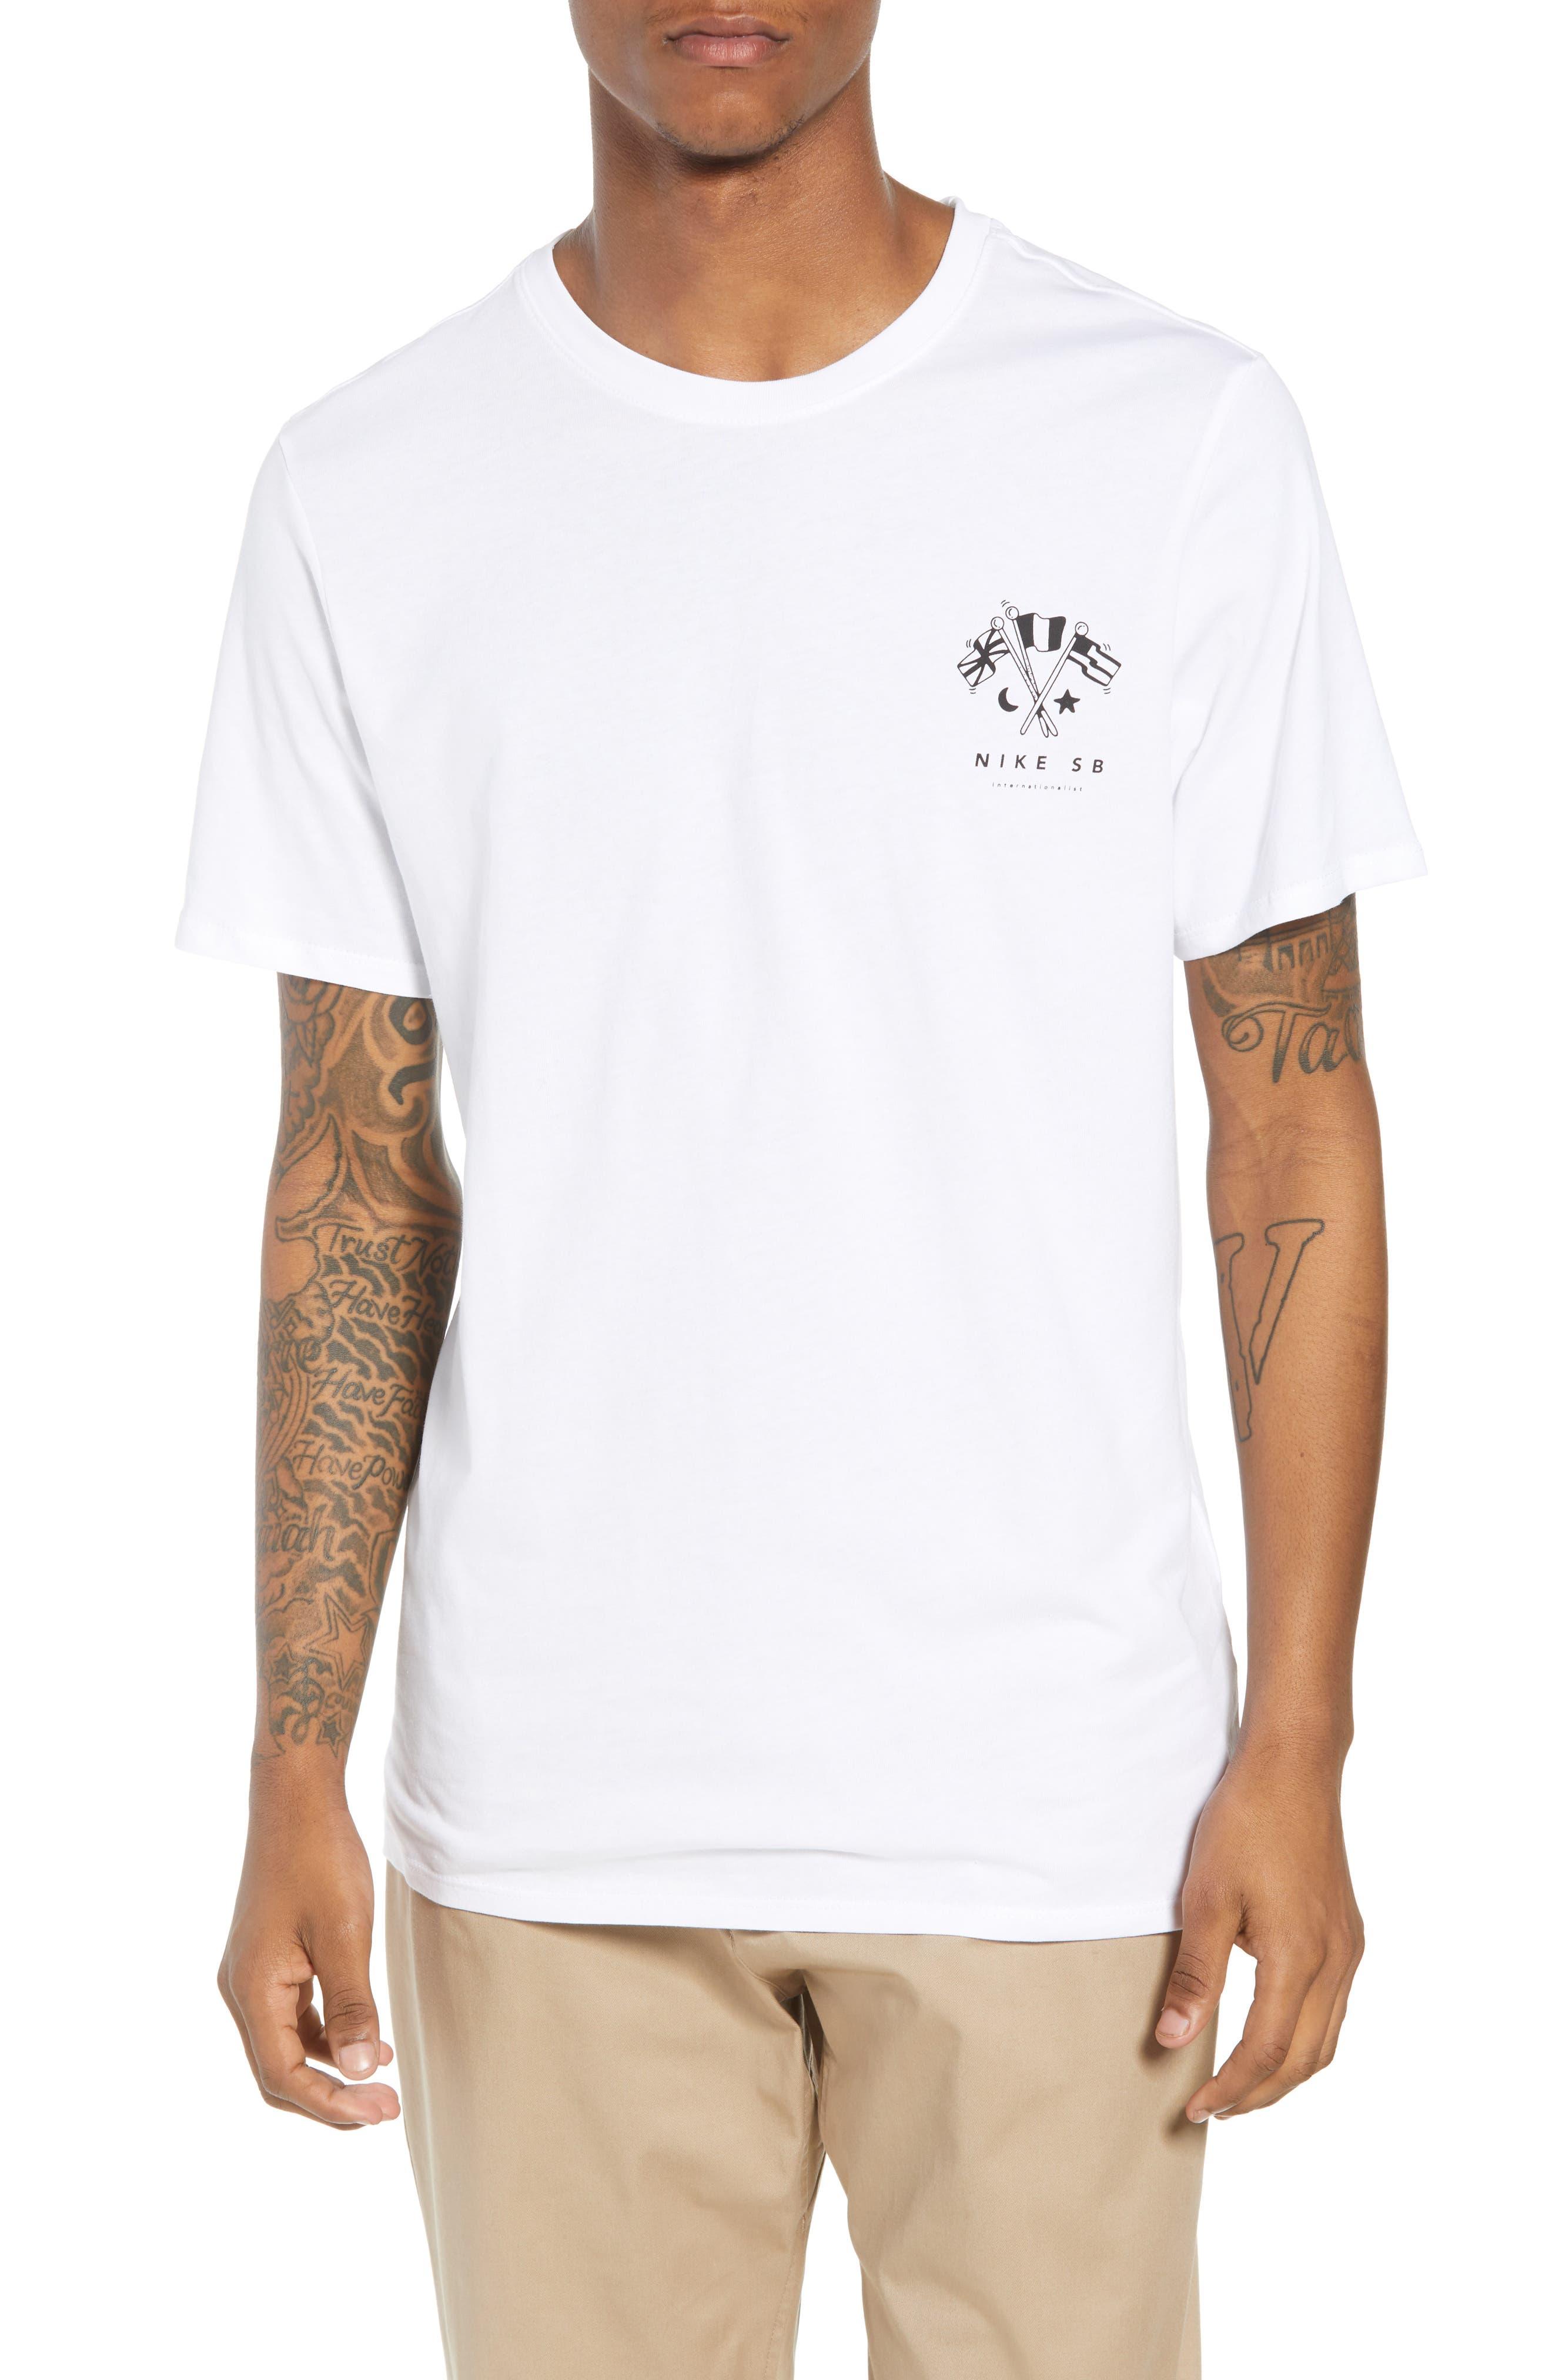 SB Monuments T-Shirt,                             Main thumbnail 1, color,                             White/ Black